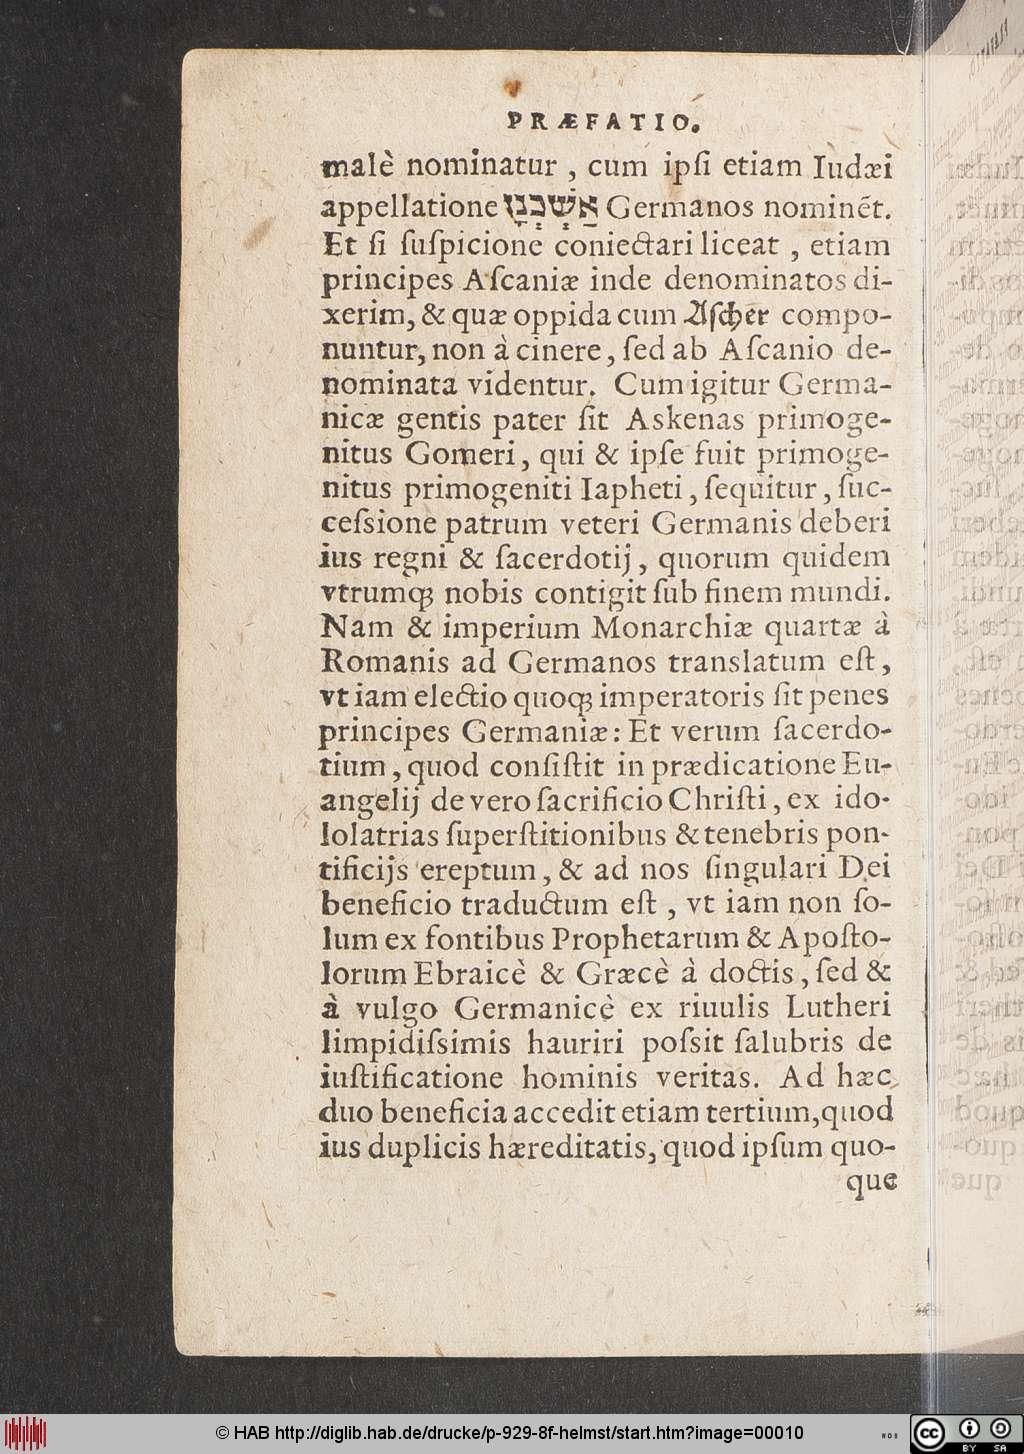 http://diglib.hab.de/drucke/p-929-8f-helmst/00010.jpg